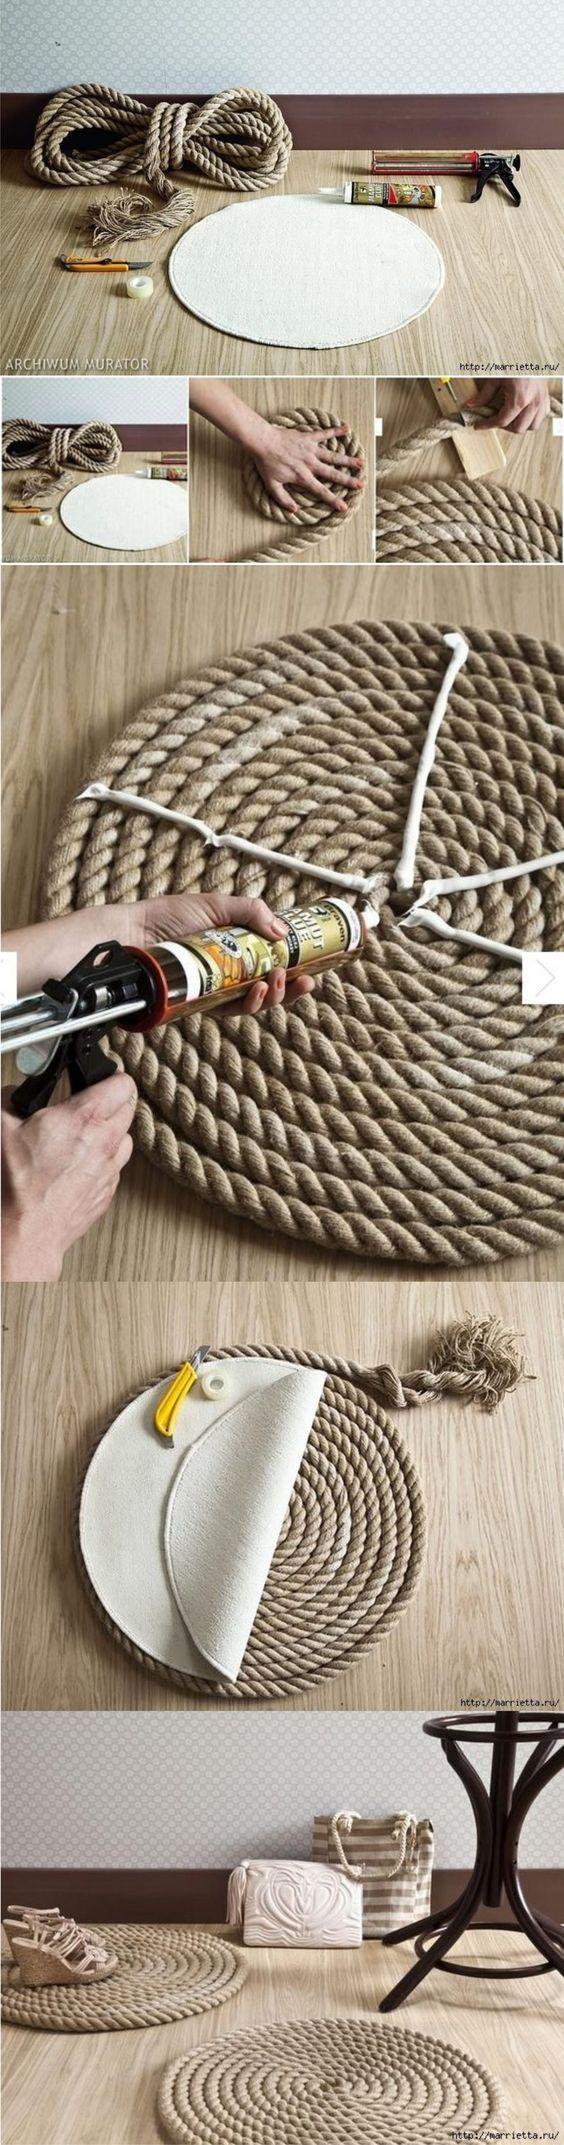 Alfombra DIY con cuerda / Via marrietta.ru: